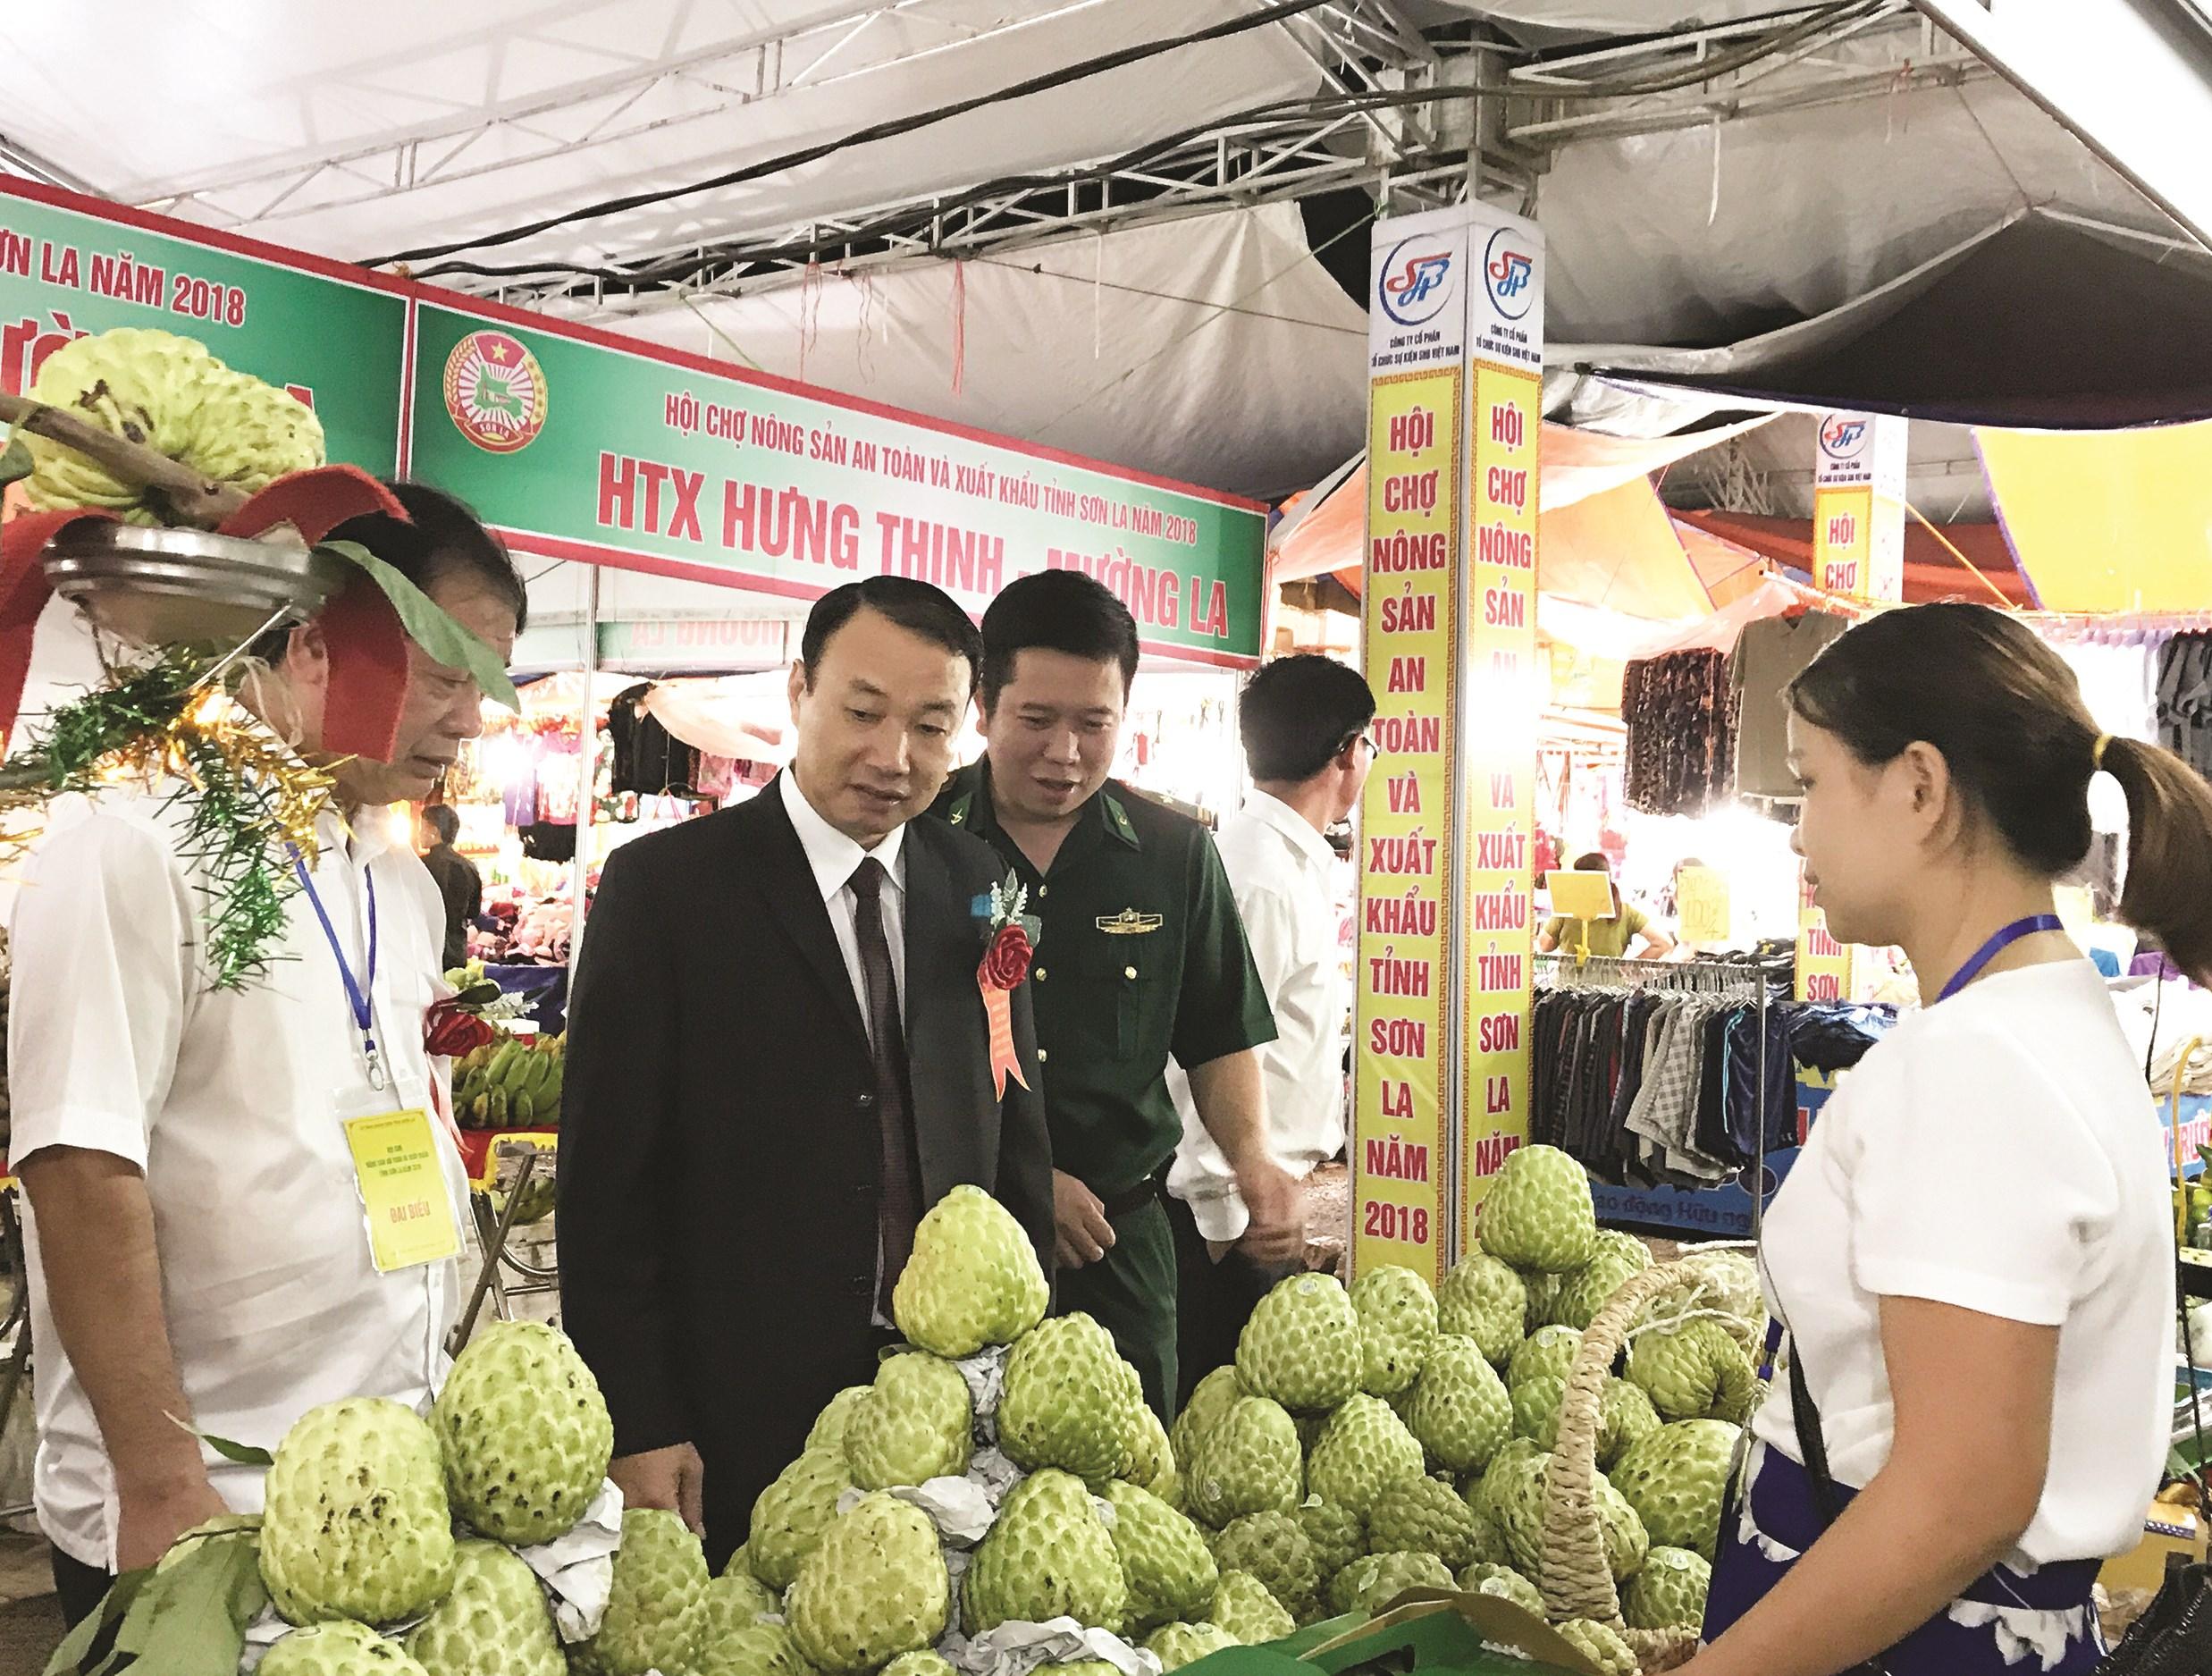 Sản phẩm OCOP tỉnh Sơn La tham gia Hội chợ nông sản an toàn và xuất khẩu tỉnh Sơn La.